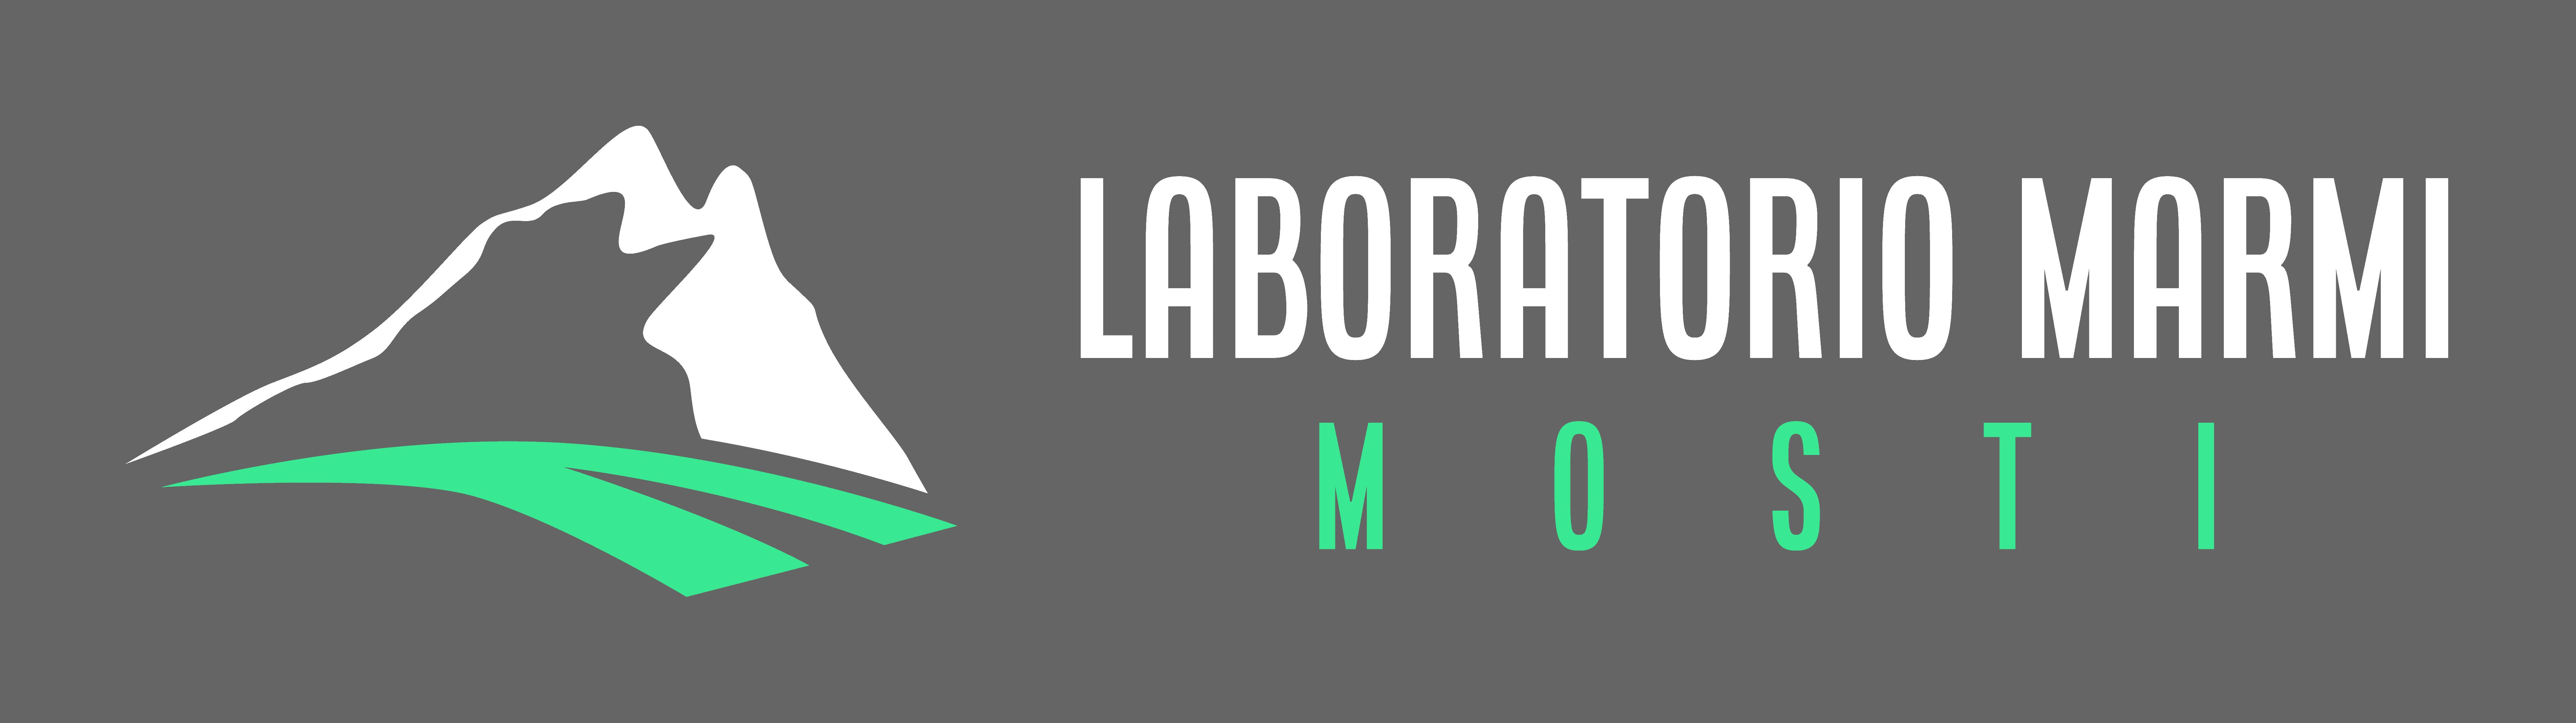 Laboratorio Marmi Mosti